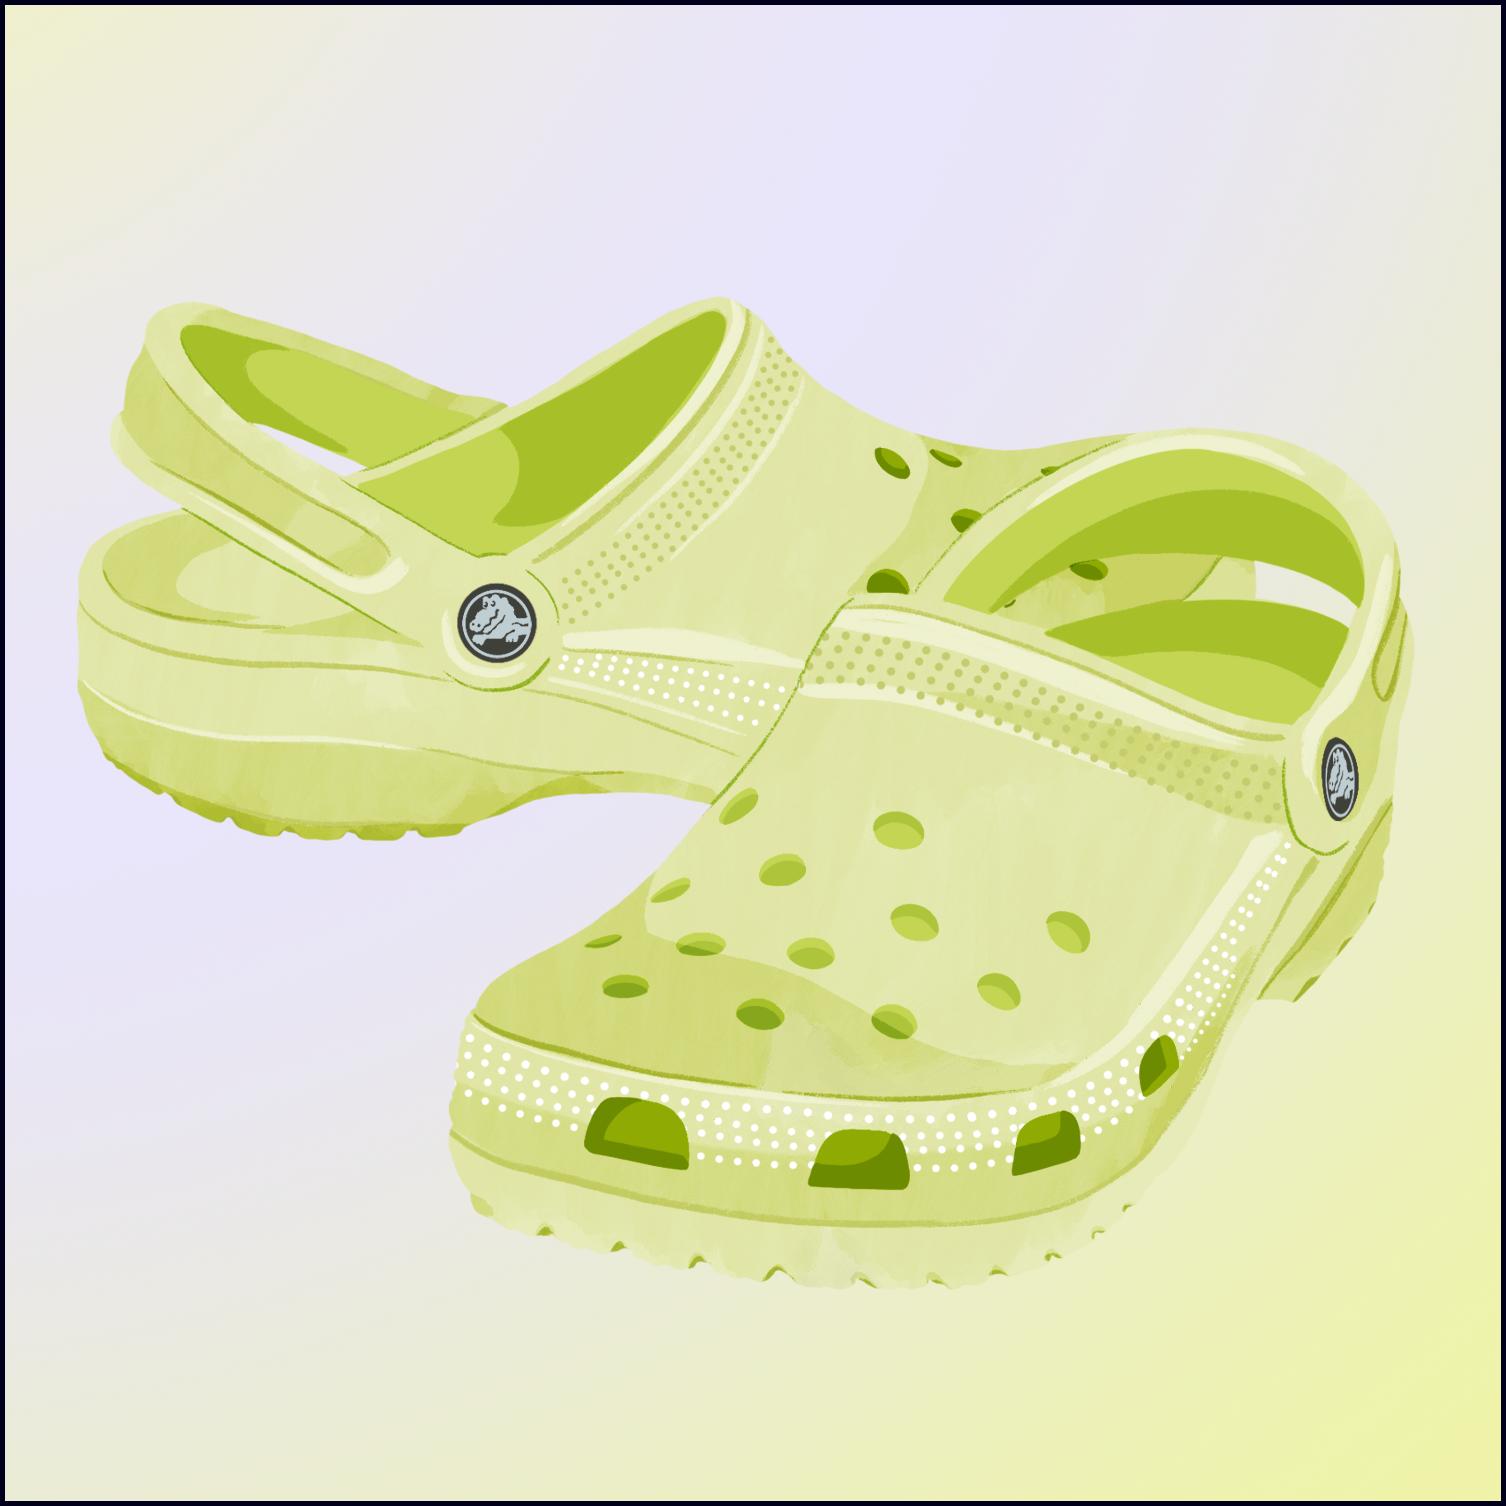 Crocs_Classic_LimeZest_1x1